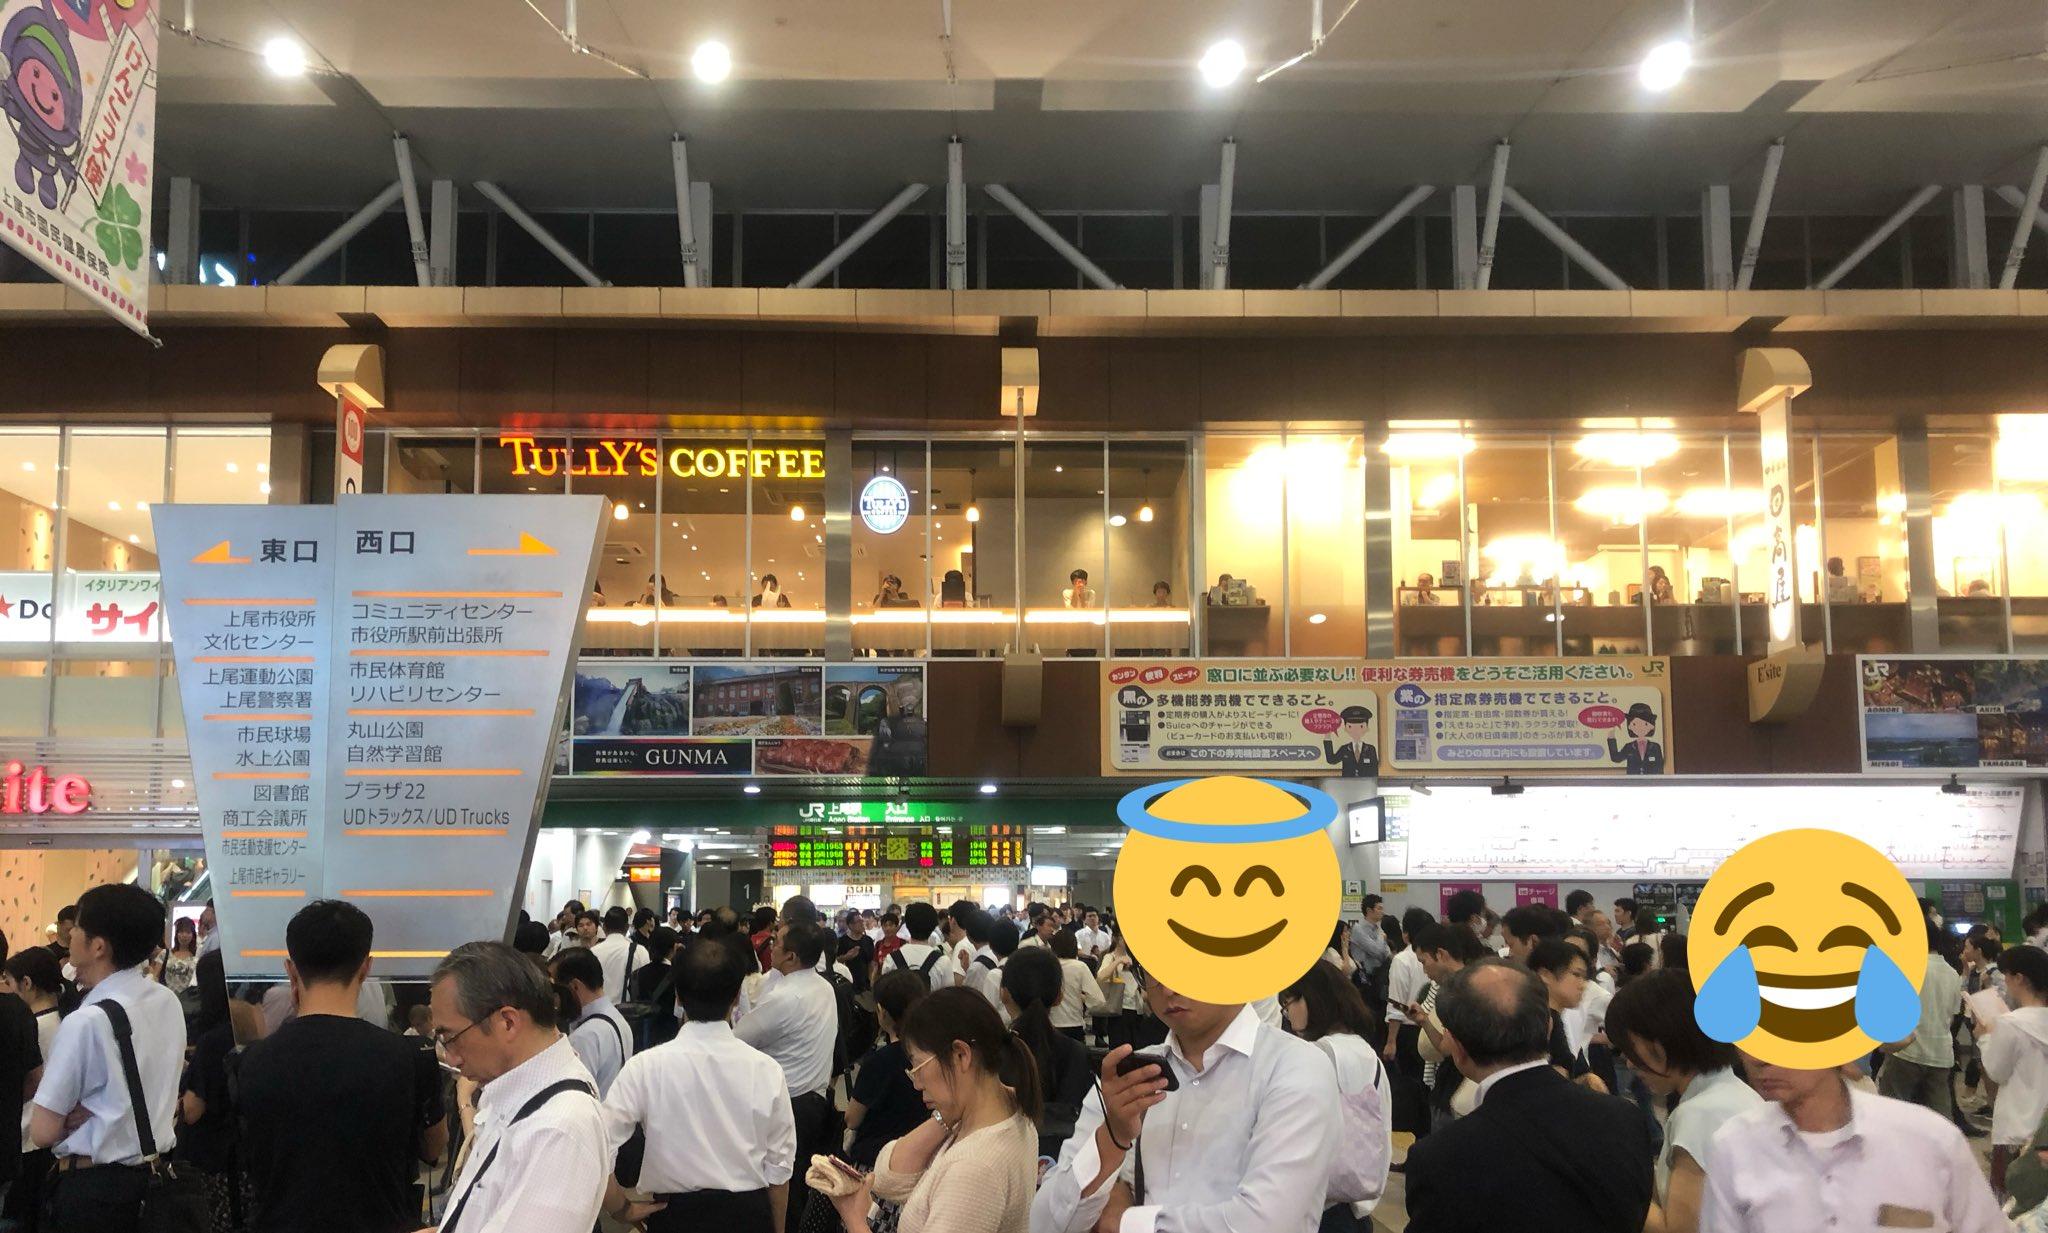 画像,上尾駅、雨すごすぎて駅から出られず一般参賀状態に。 https://t.co/zVqFjRebnb。